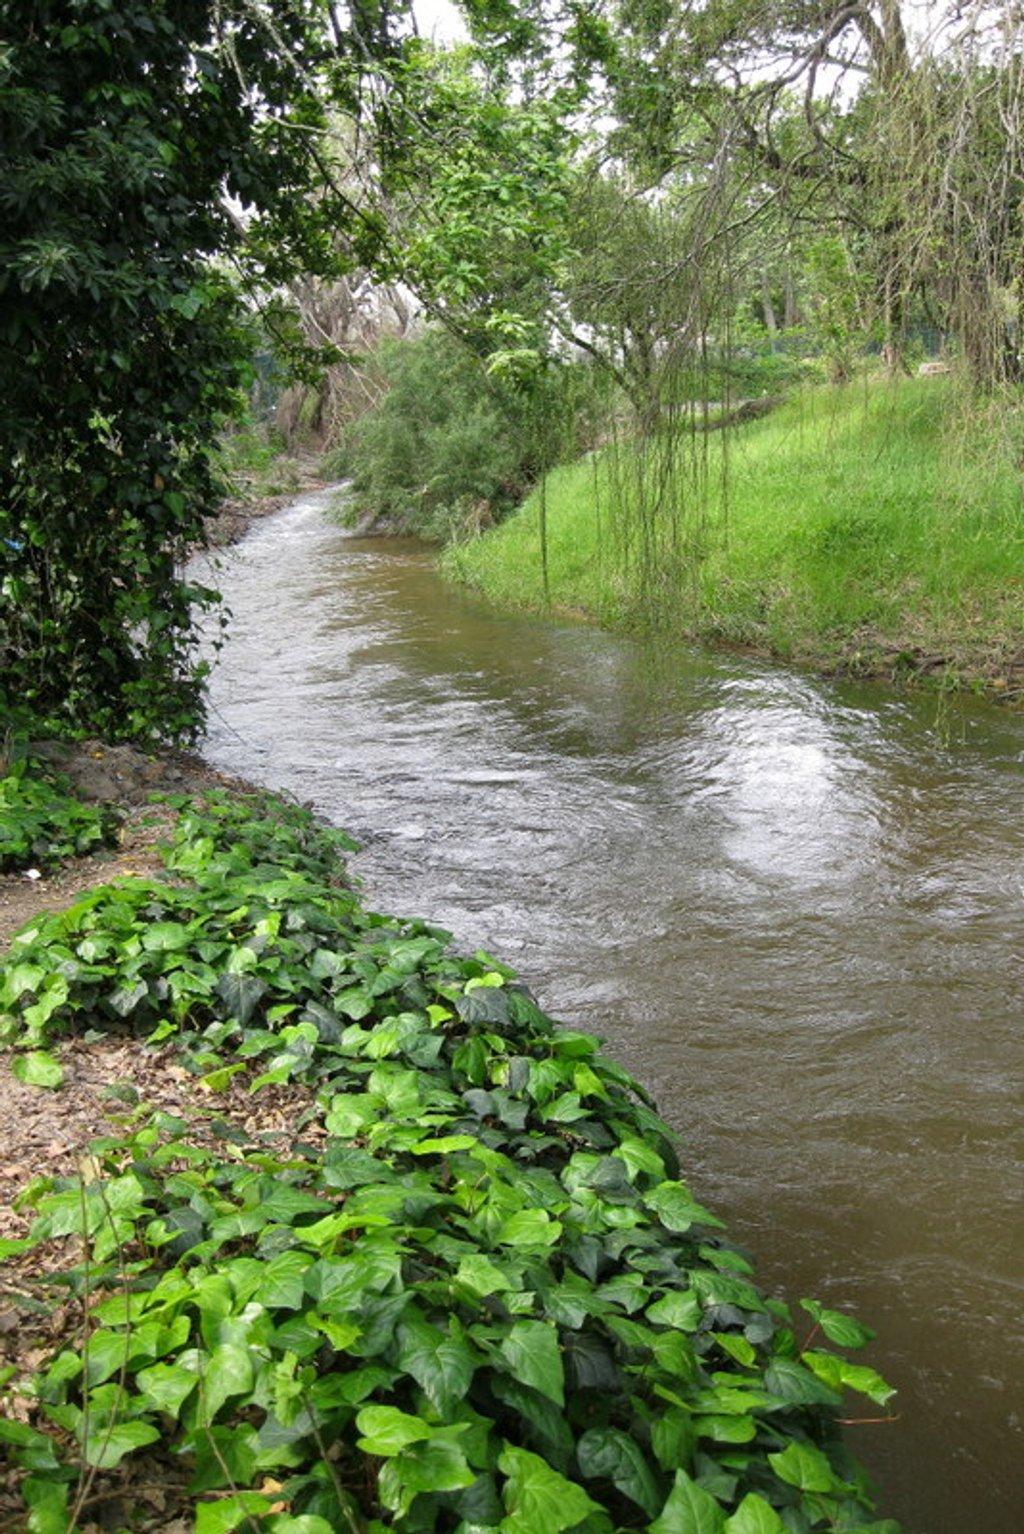 2018 10 01 Lourens River by kwiksilver